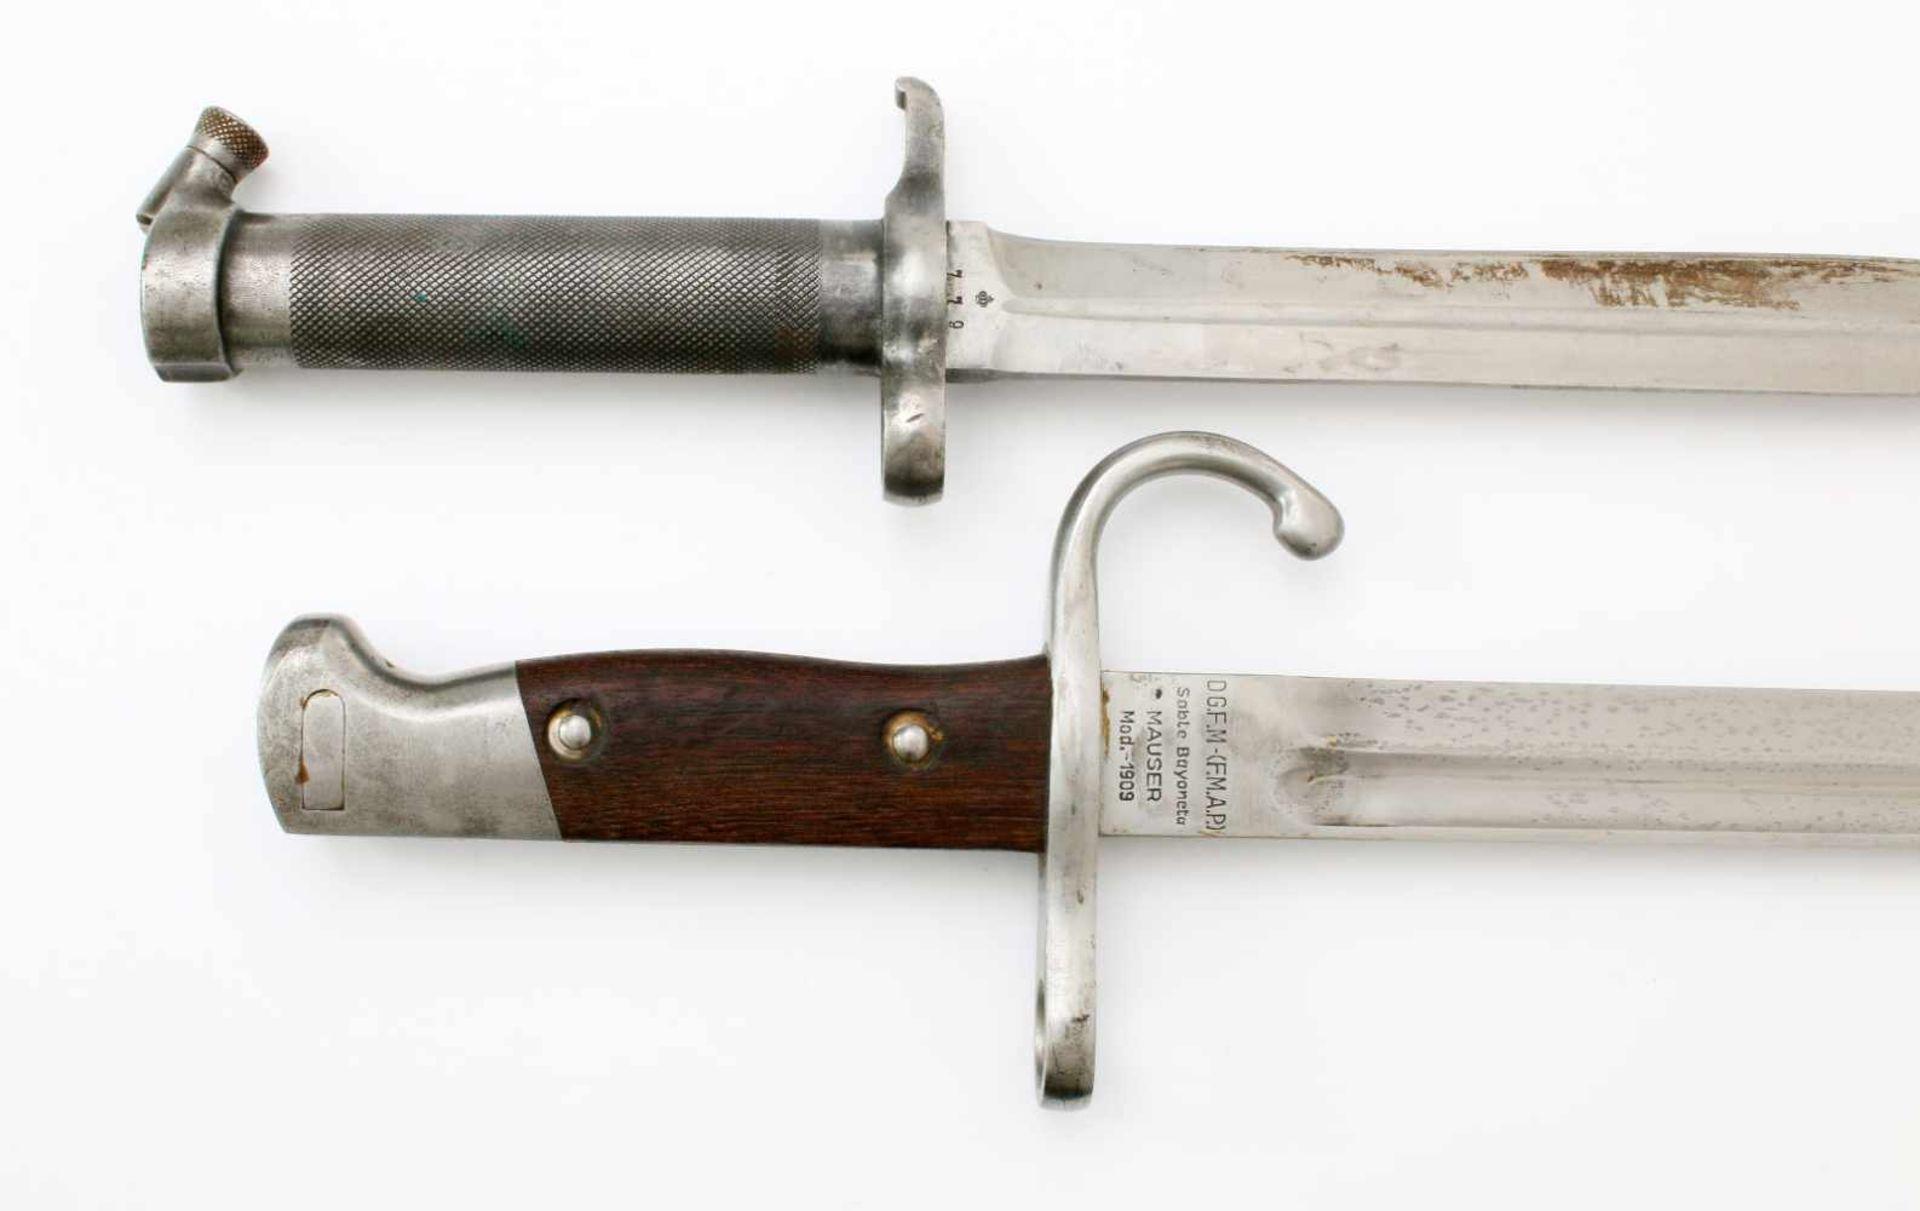 Schweden / Argentinien - 2 Bajonette1x Argentinien Bajonett M1909. Gekehlte Rückenklinge, - Bild 4 aus 4